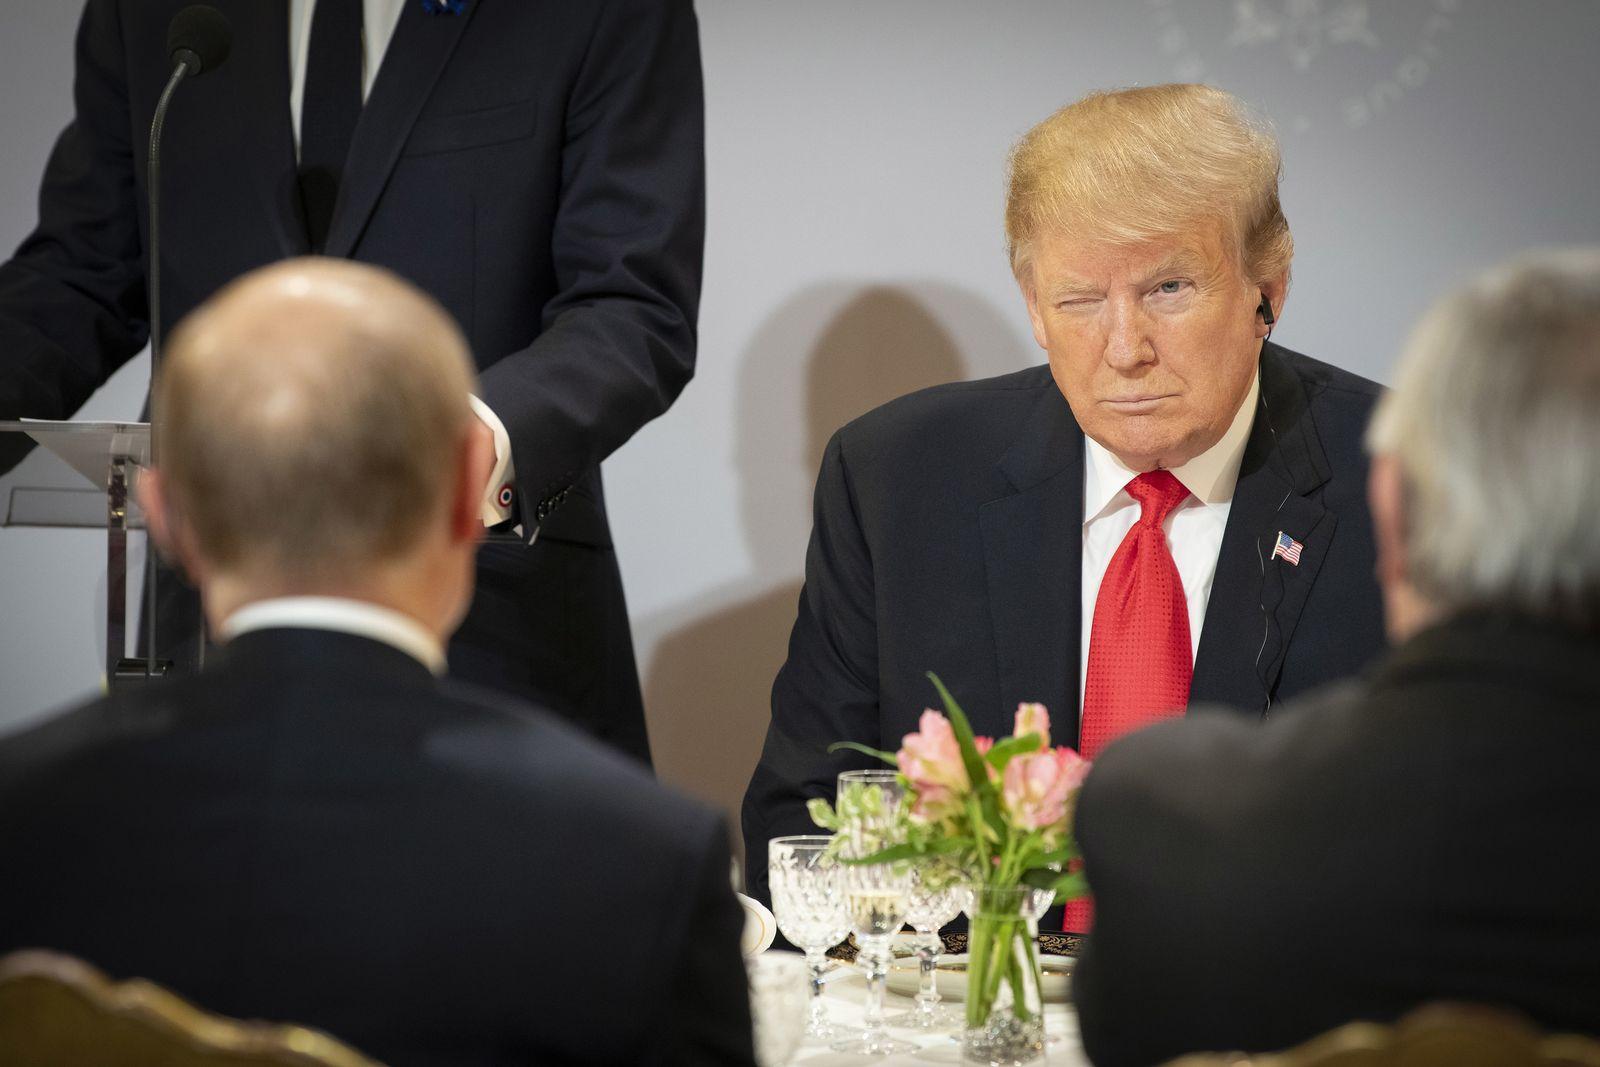 Wladimir Putin/Donald Trump